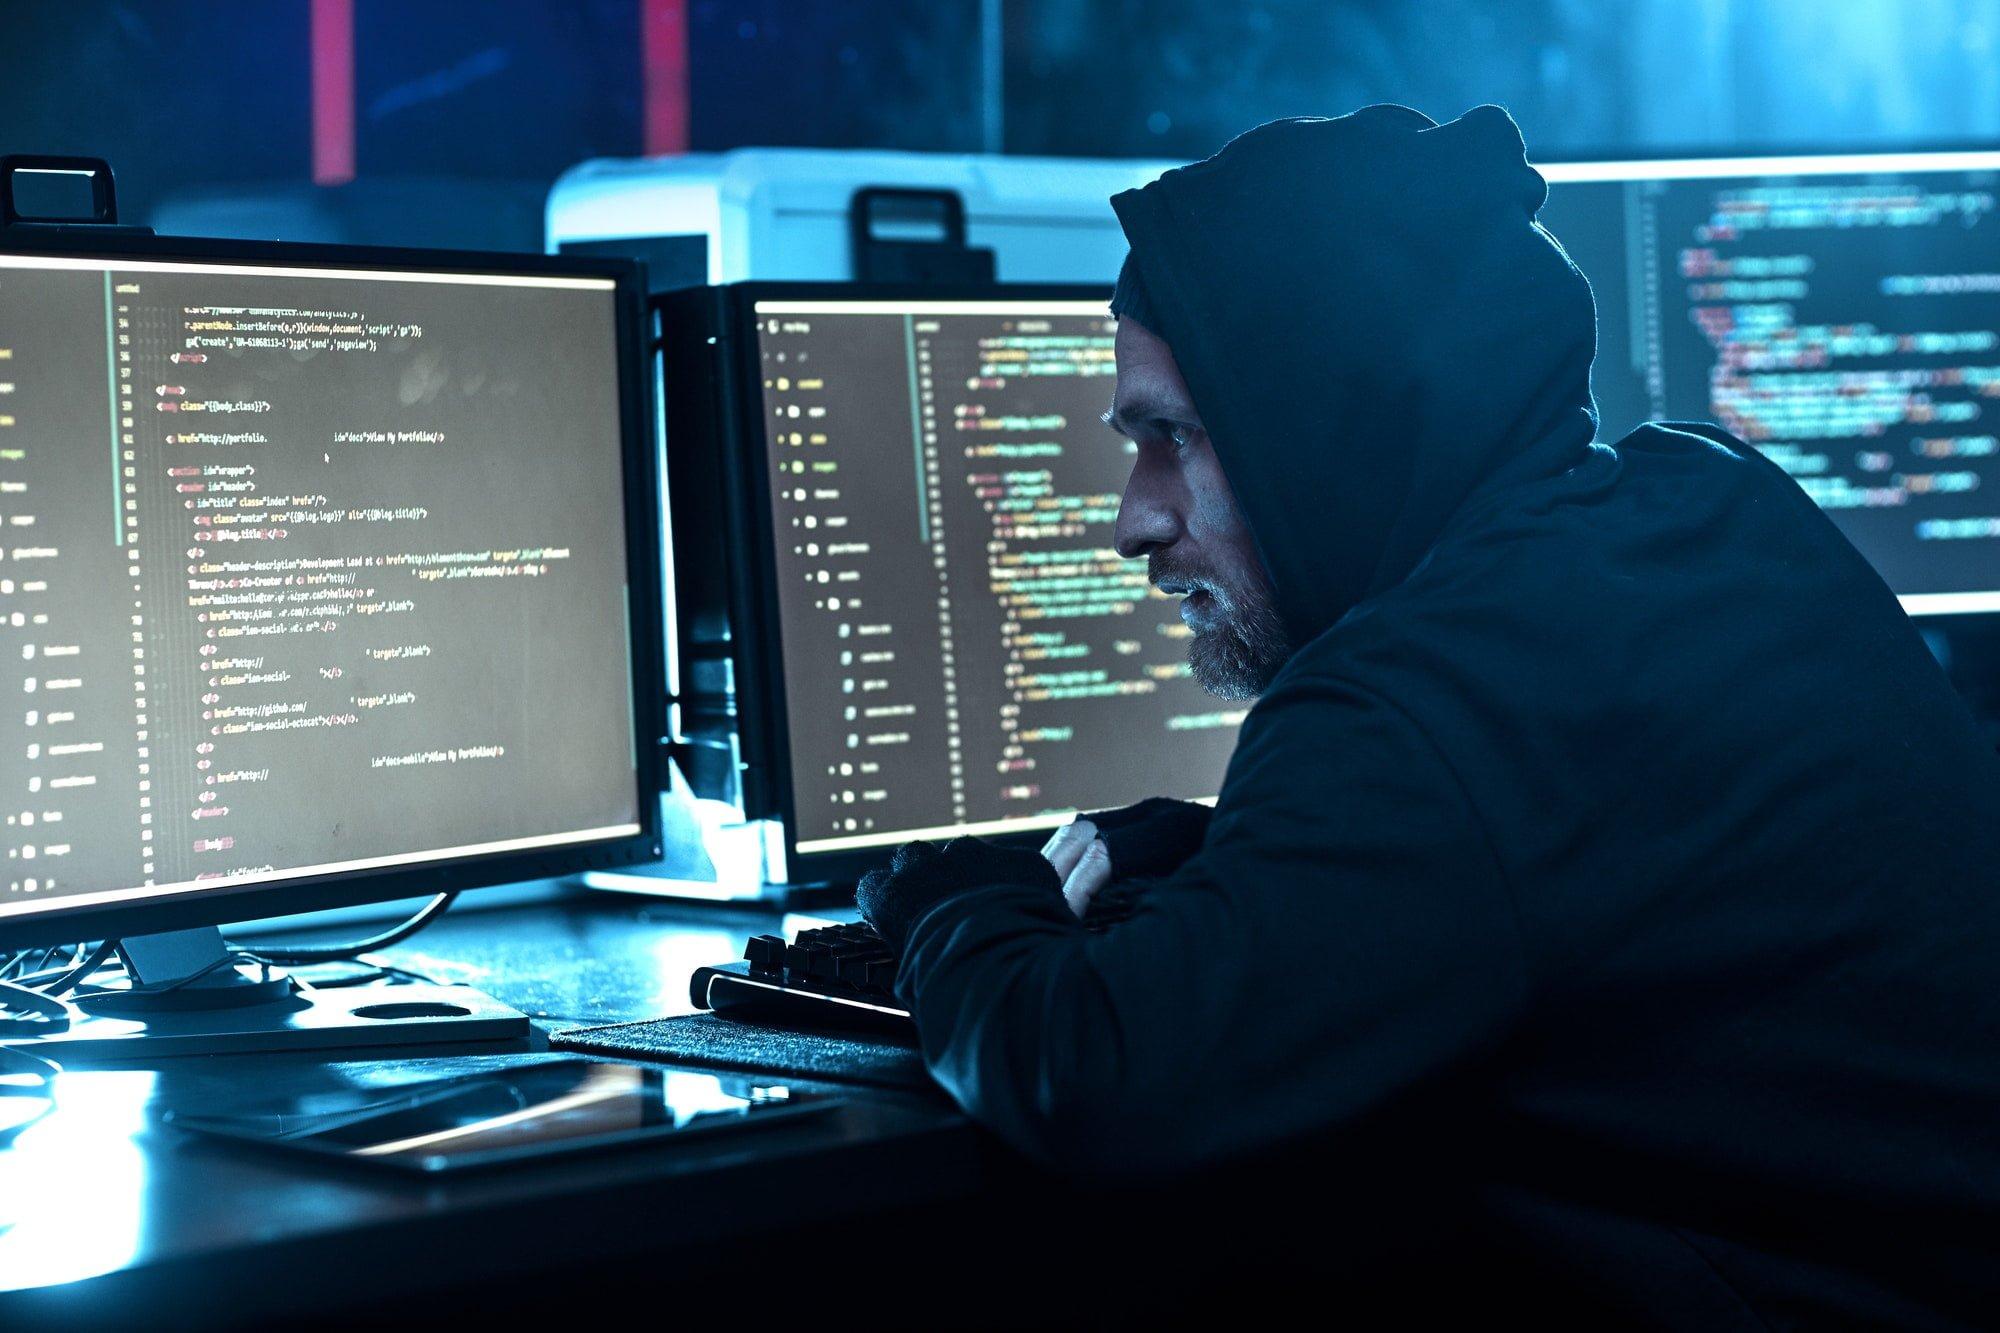 Computer hacker breaking the software